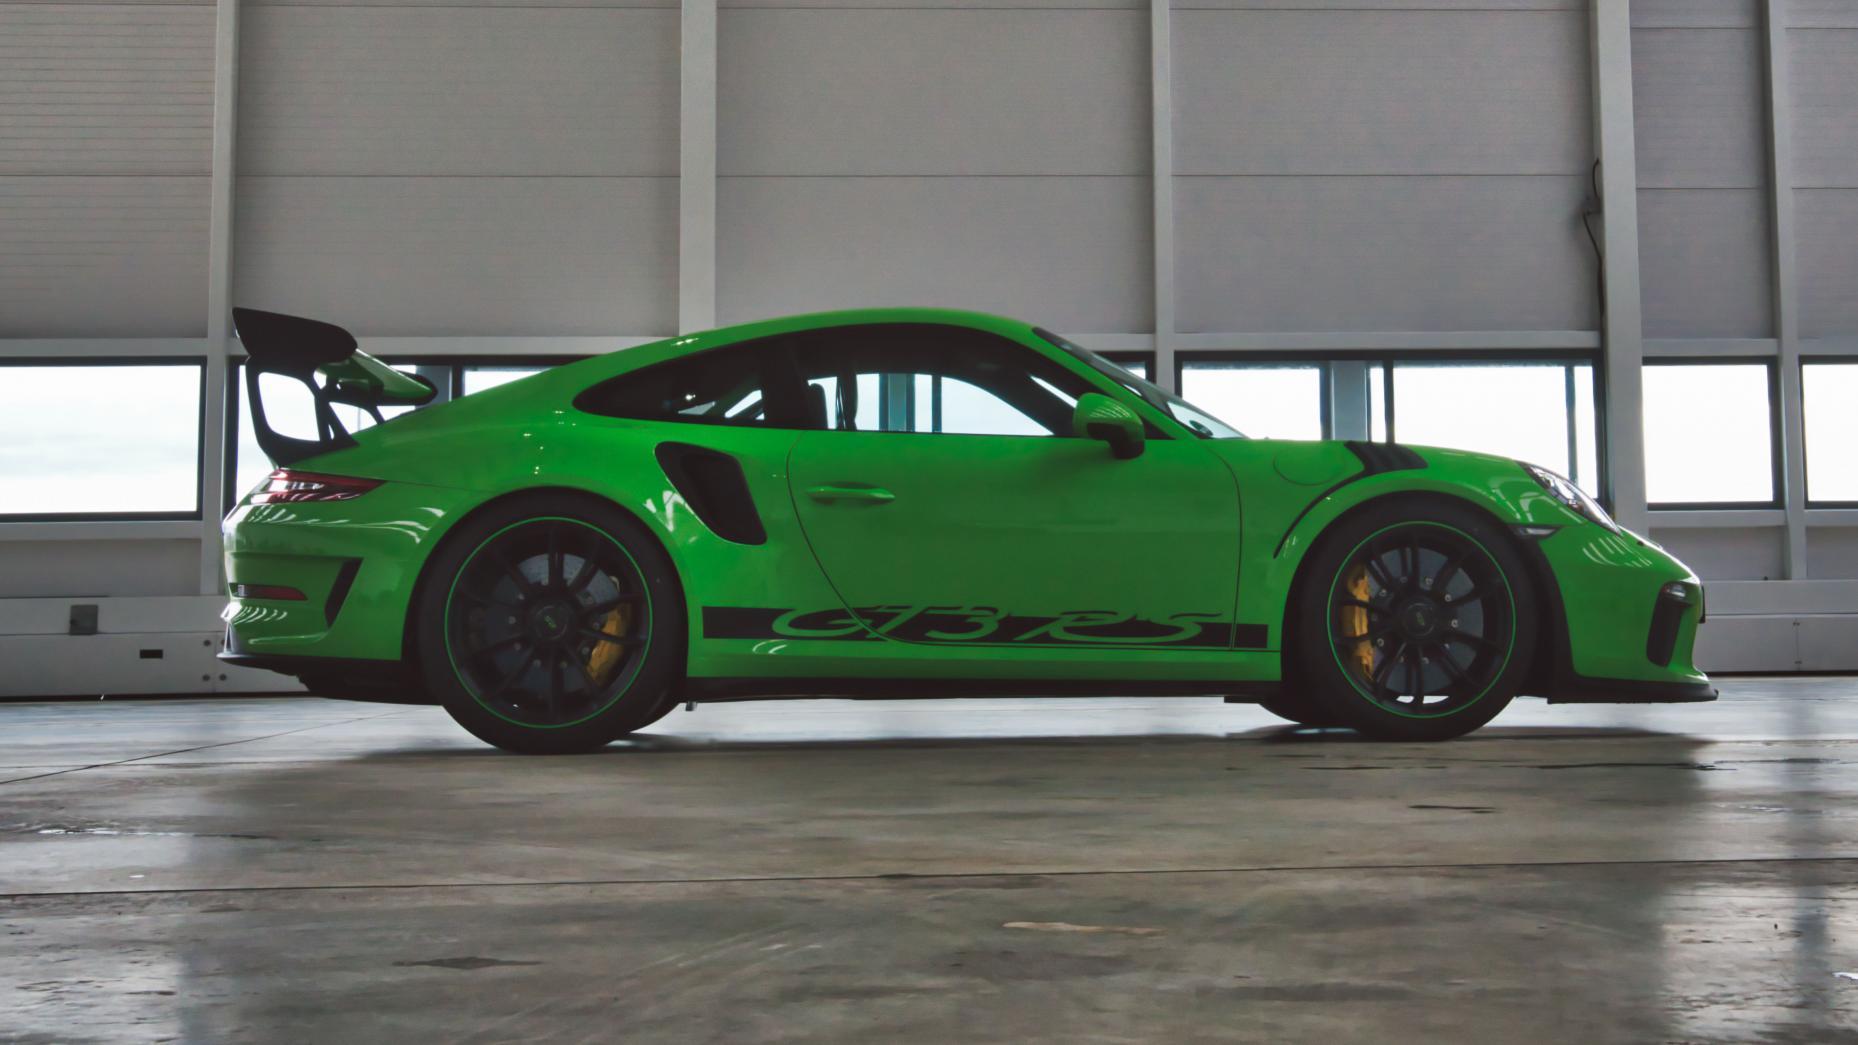 Porche 911 991.2 GT3 RS